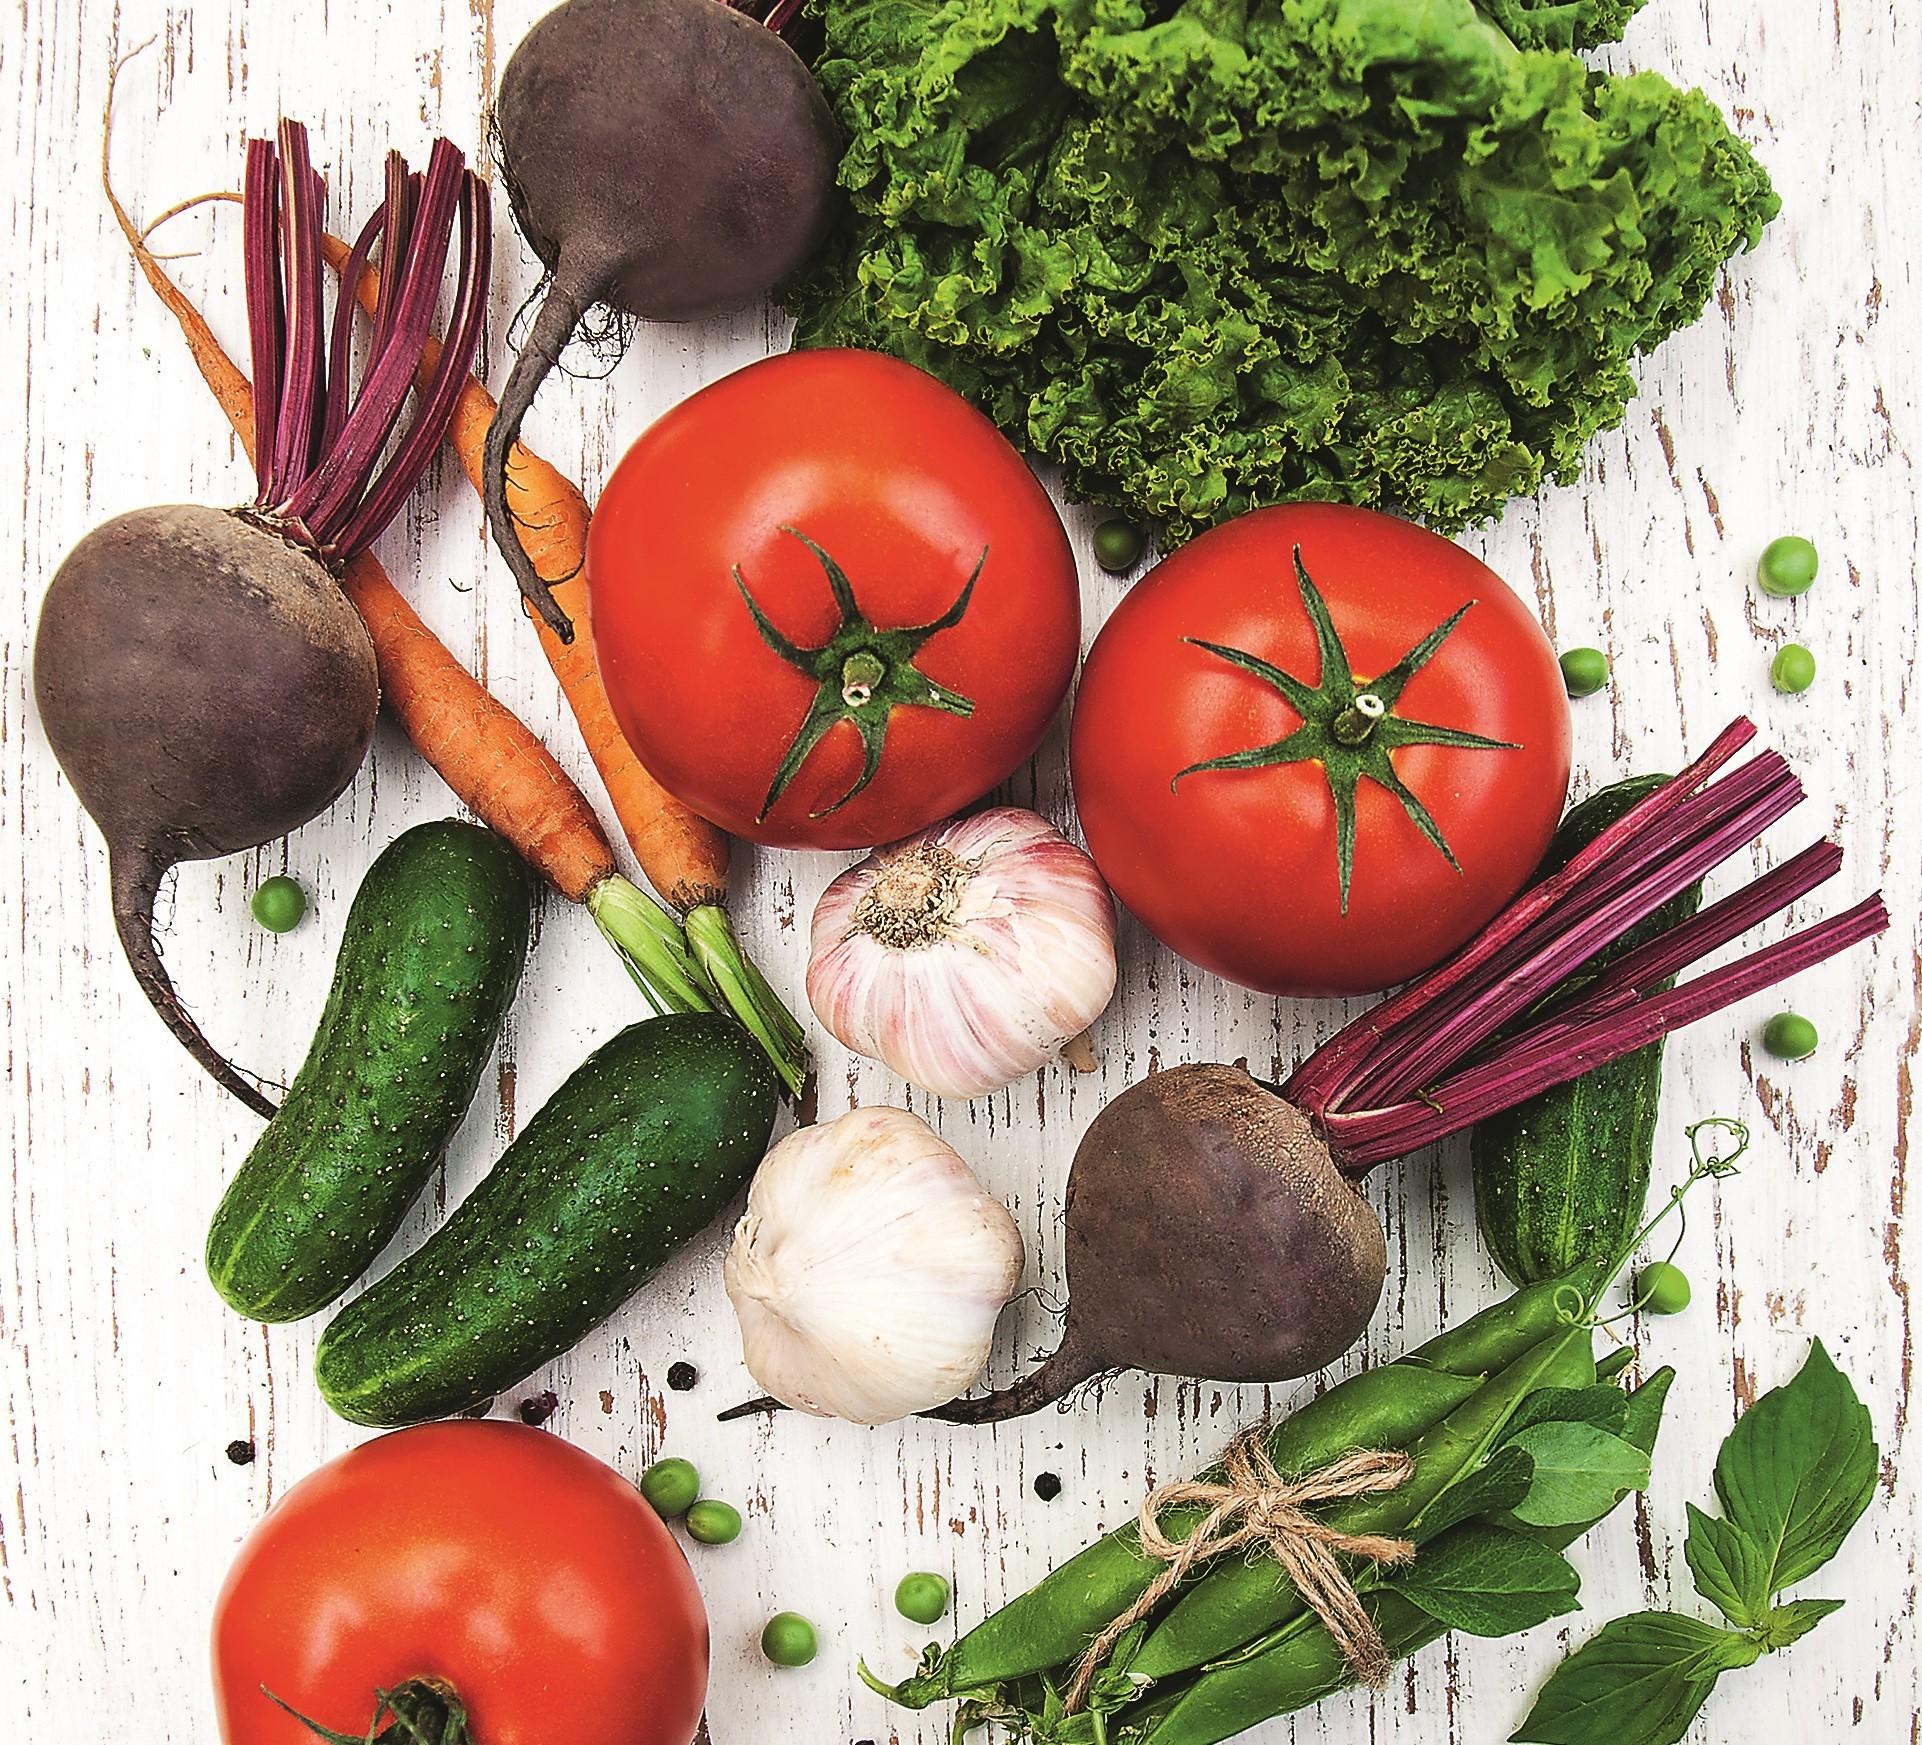 Без нитратов: как выбирать овощи зимой